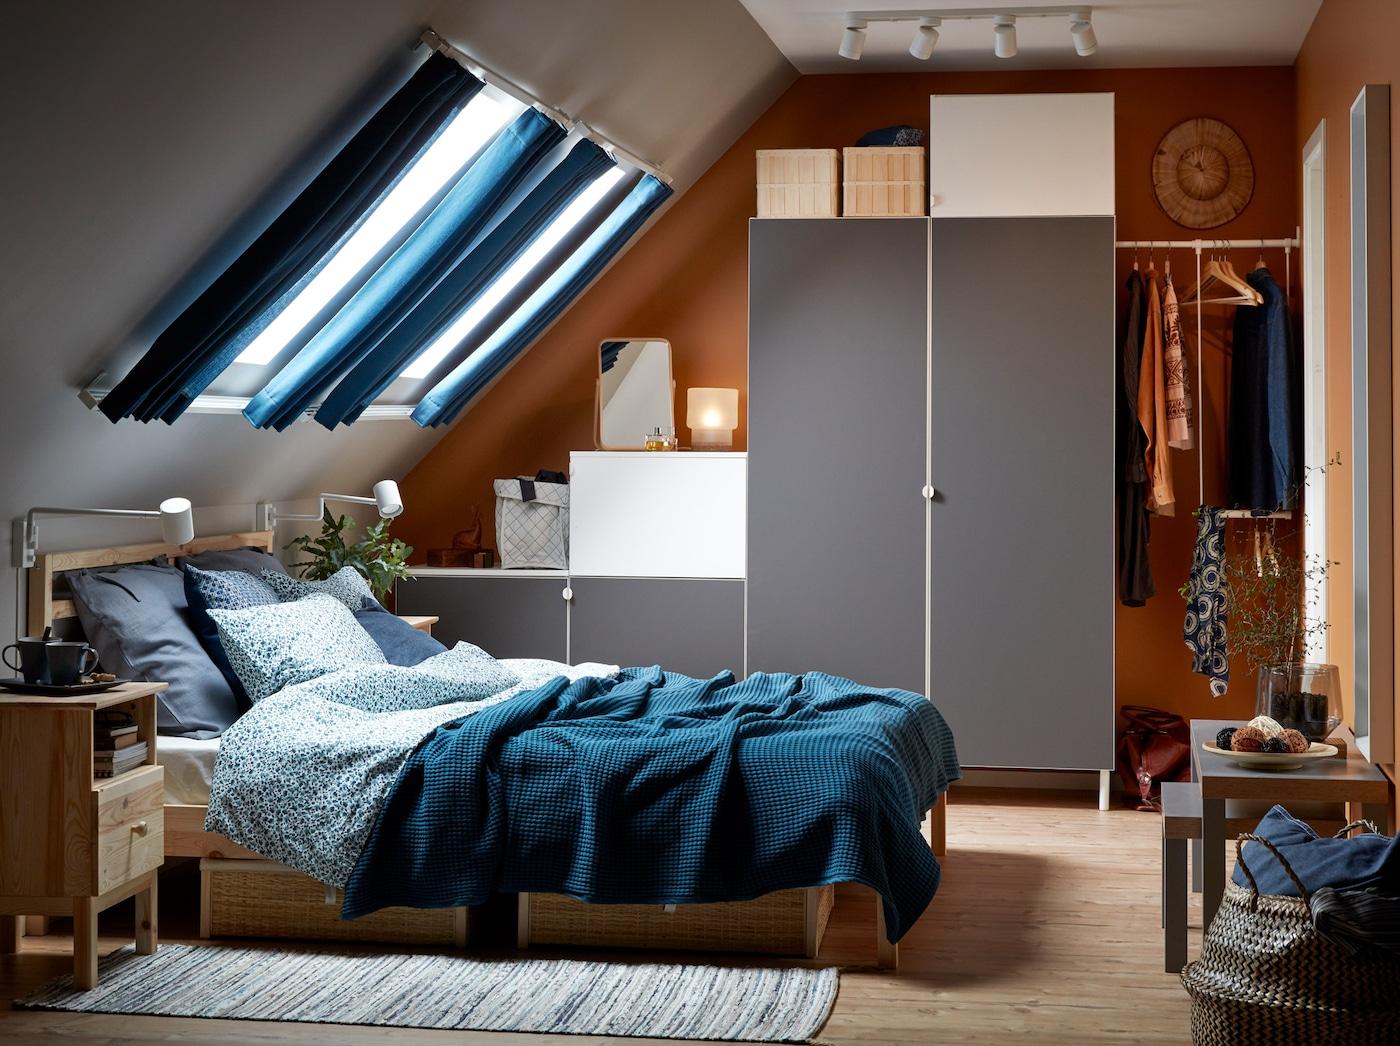 Weißes Schlafzimmer In Blau, Beige, Grau Und Weiß Mit Dachschräge Und TARVA  Bettgestell In